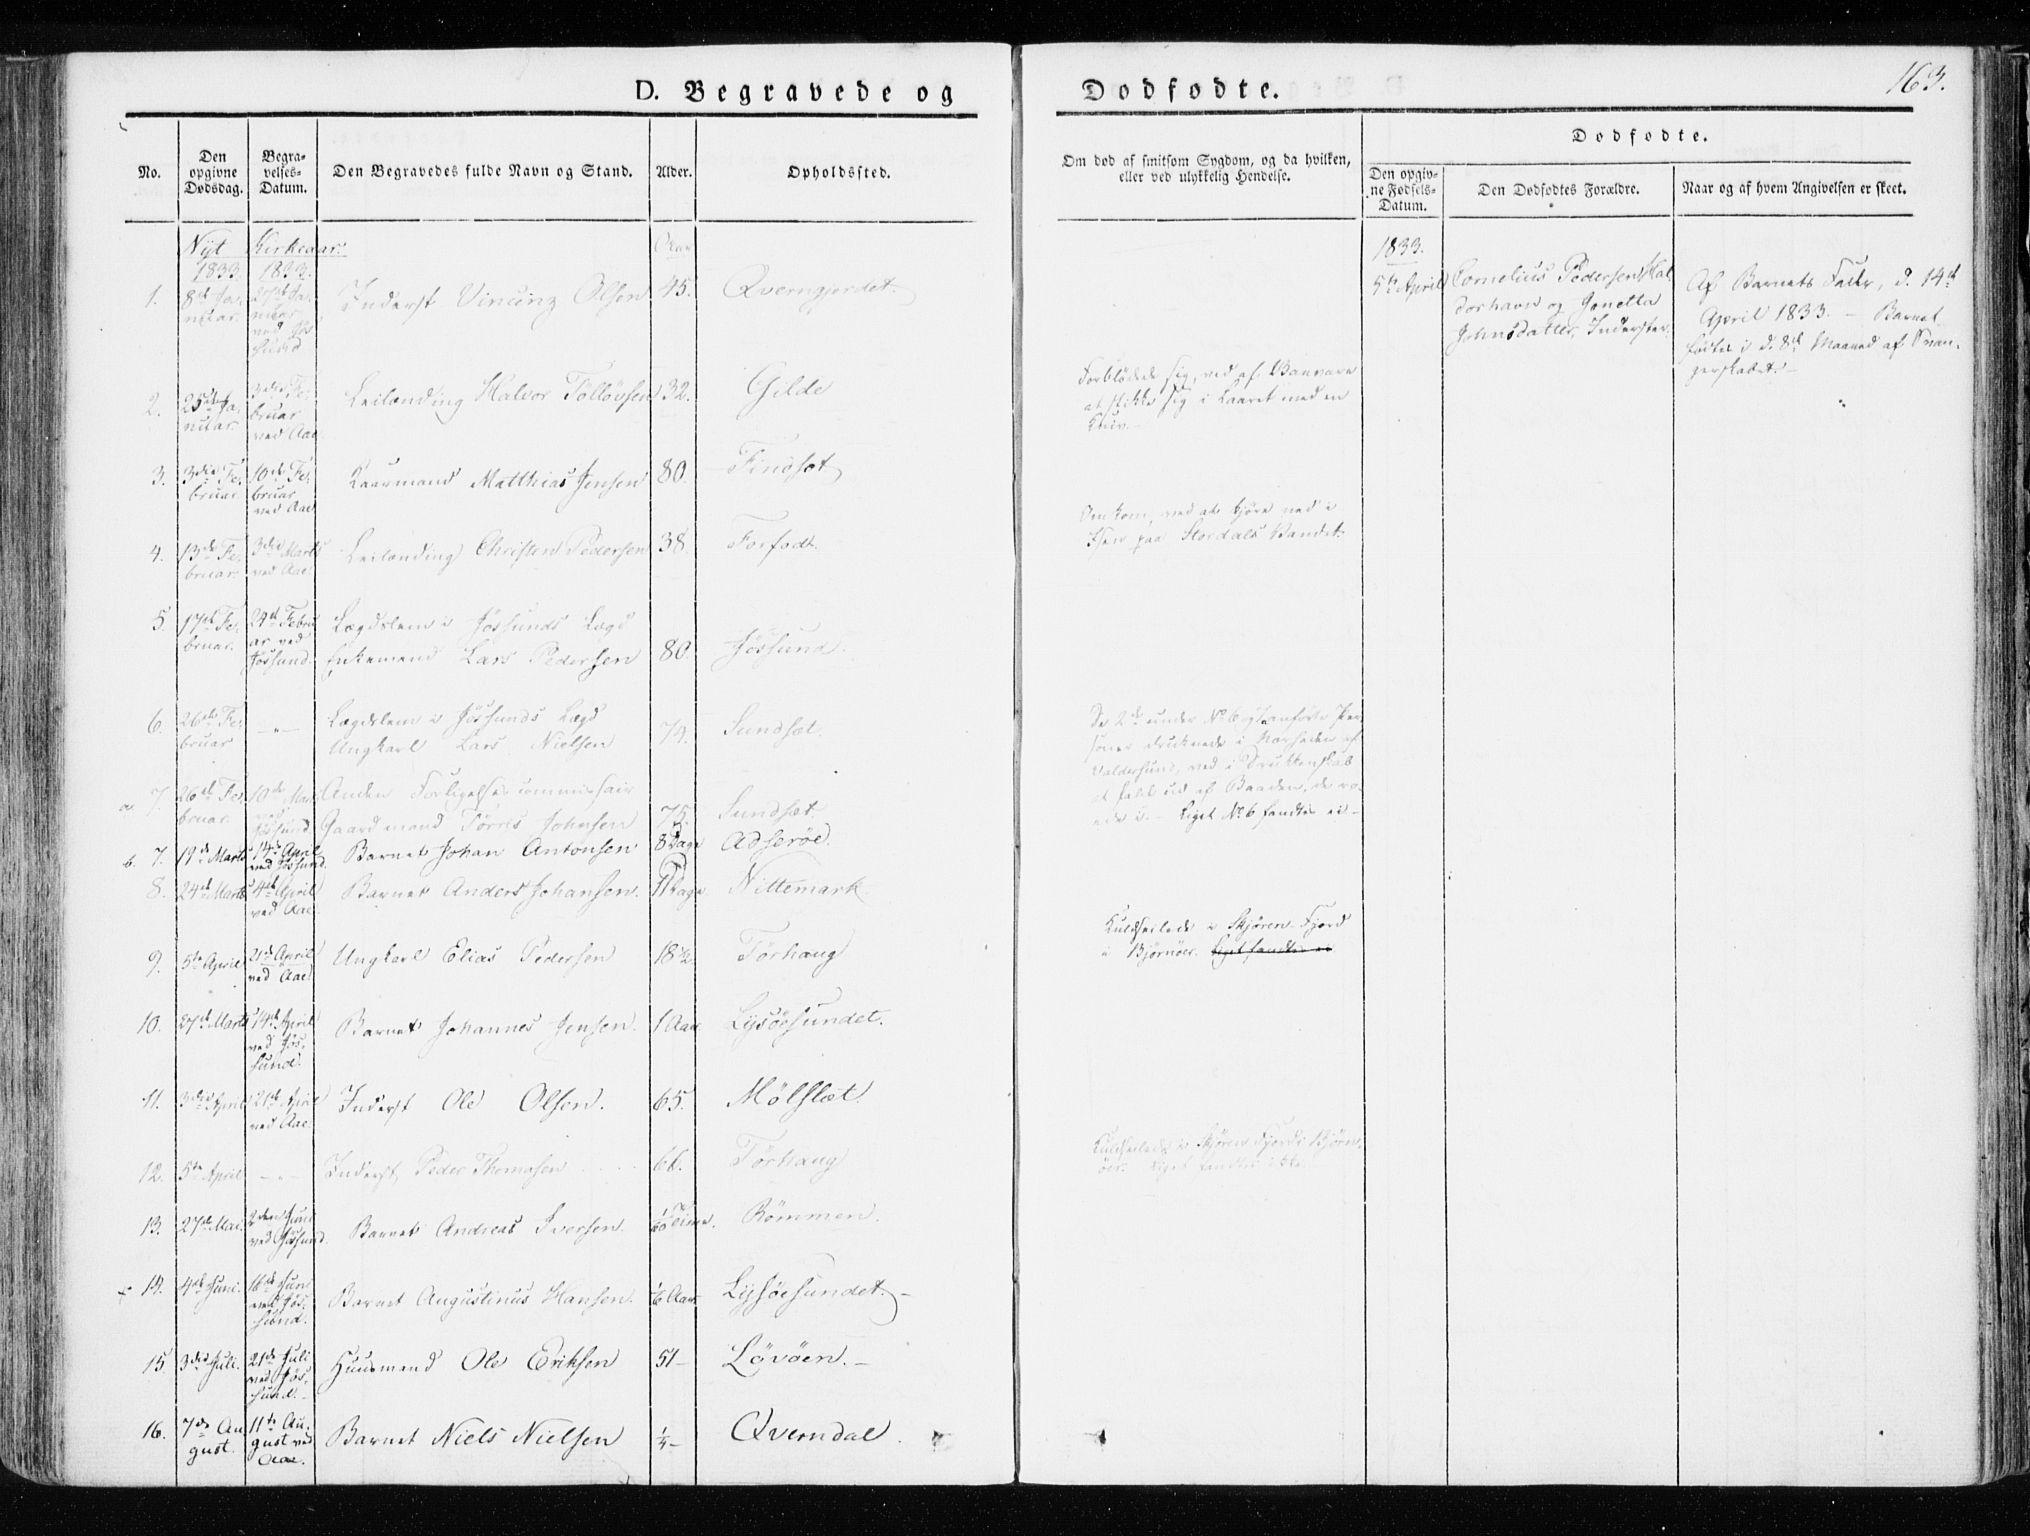 SAT, Ministerialprotokoller, klokkerbøker og fødselsregistre - Sør-Trøndelag, 655/L0676: Ministerialbok nr. 655A05, 1830-1847, s. 163